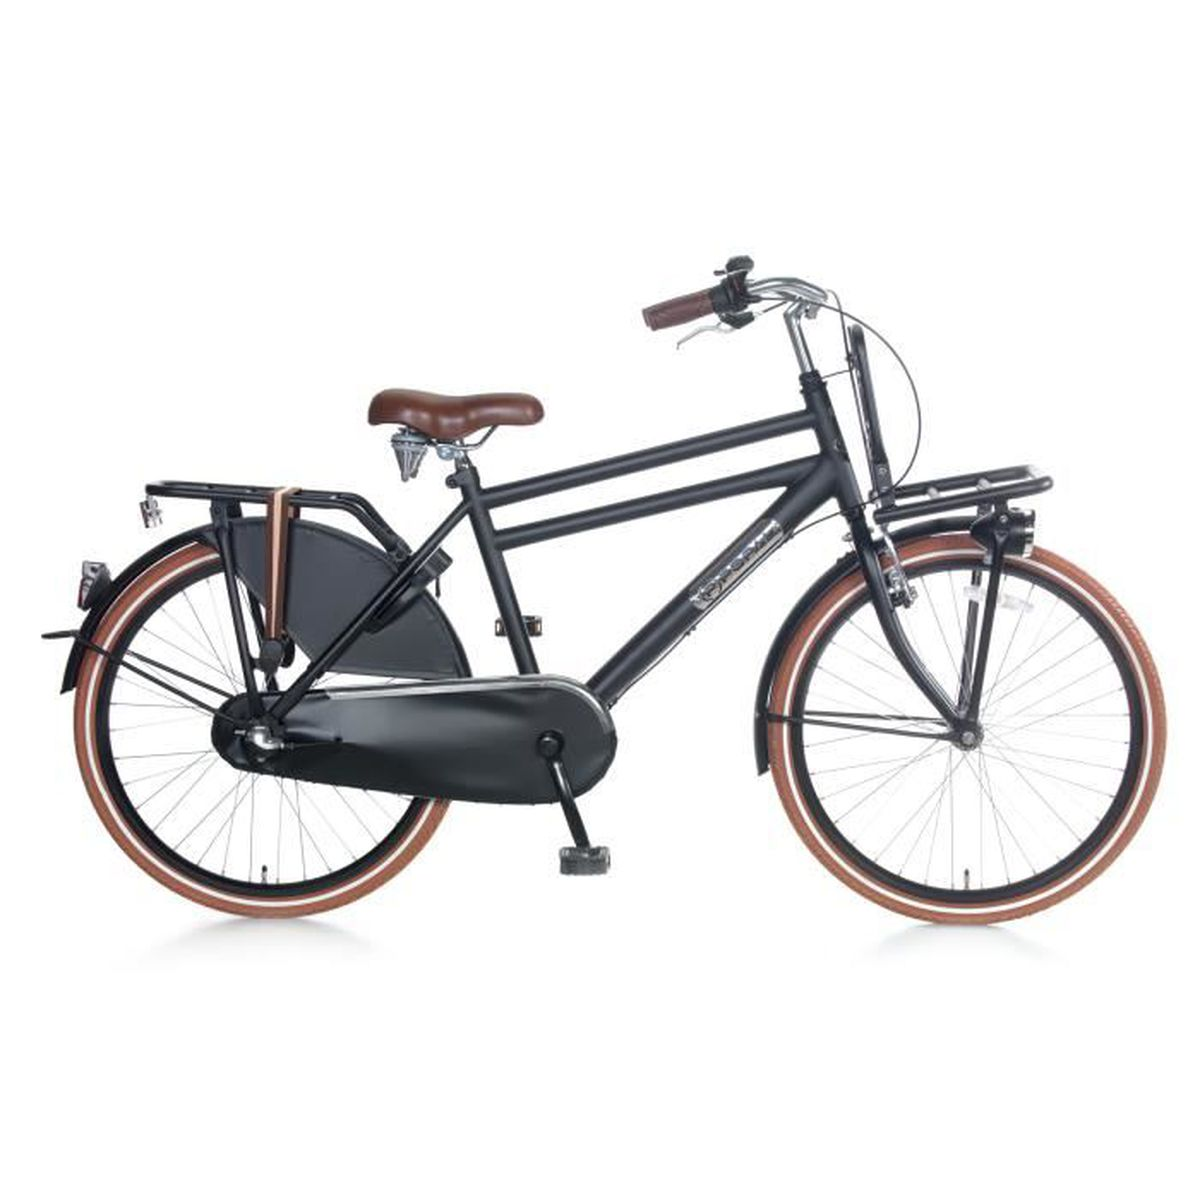 VÉLO DE VILLE - PLAGE Vélo Fille Garçon Popal Daily Dutch Basic 24+ 24 P